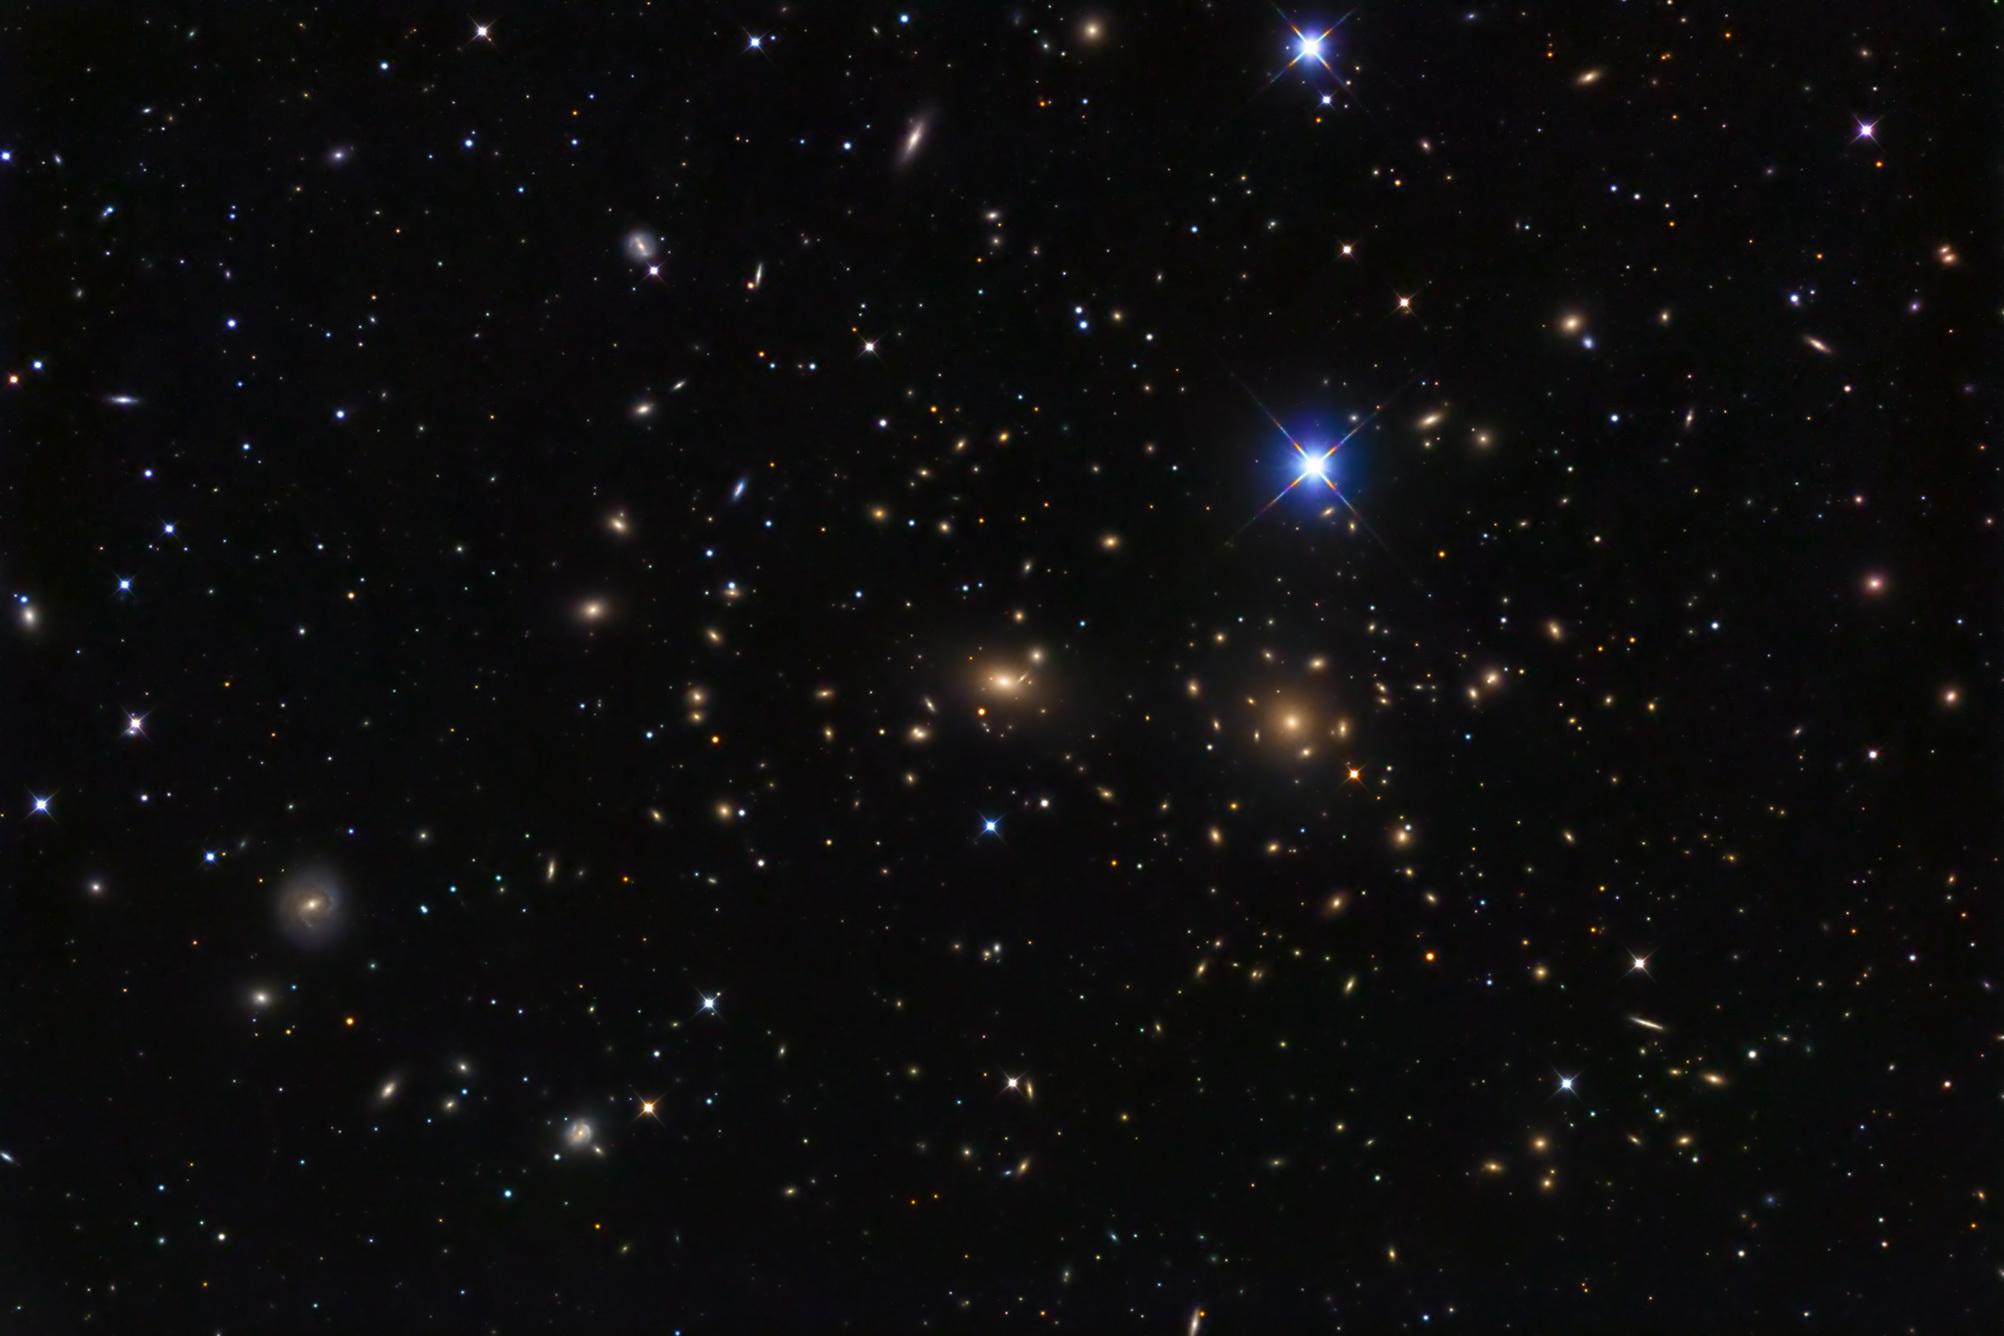 NGC4889